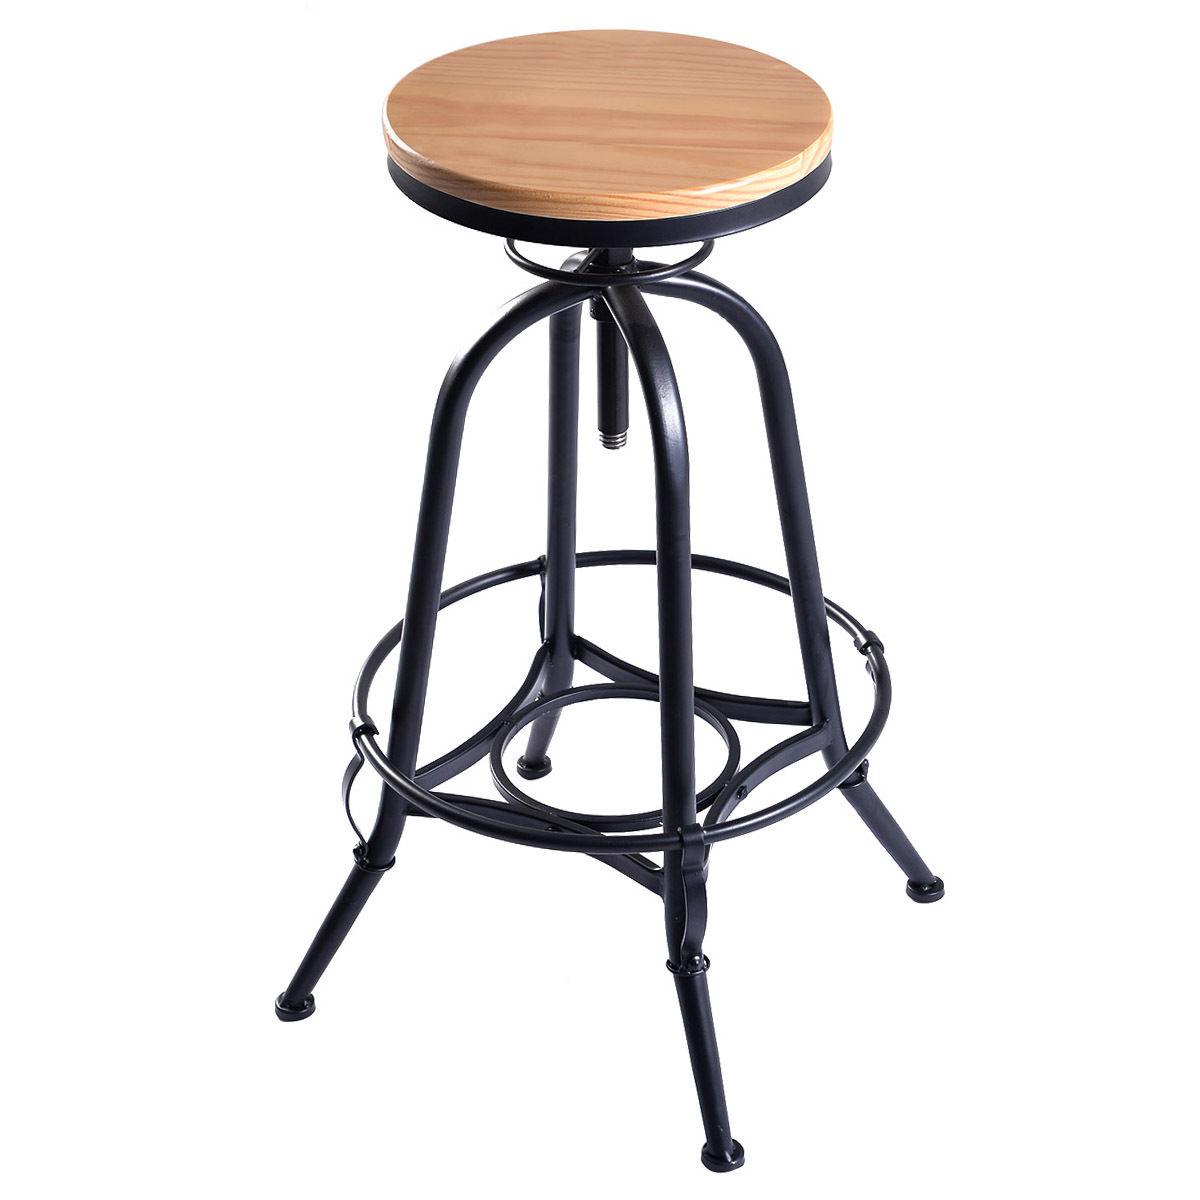 adjustable bar stool vintage adjustable swivel bar stool in industrial metal design - table & bar LTFLIVW